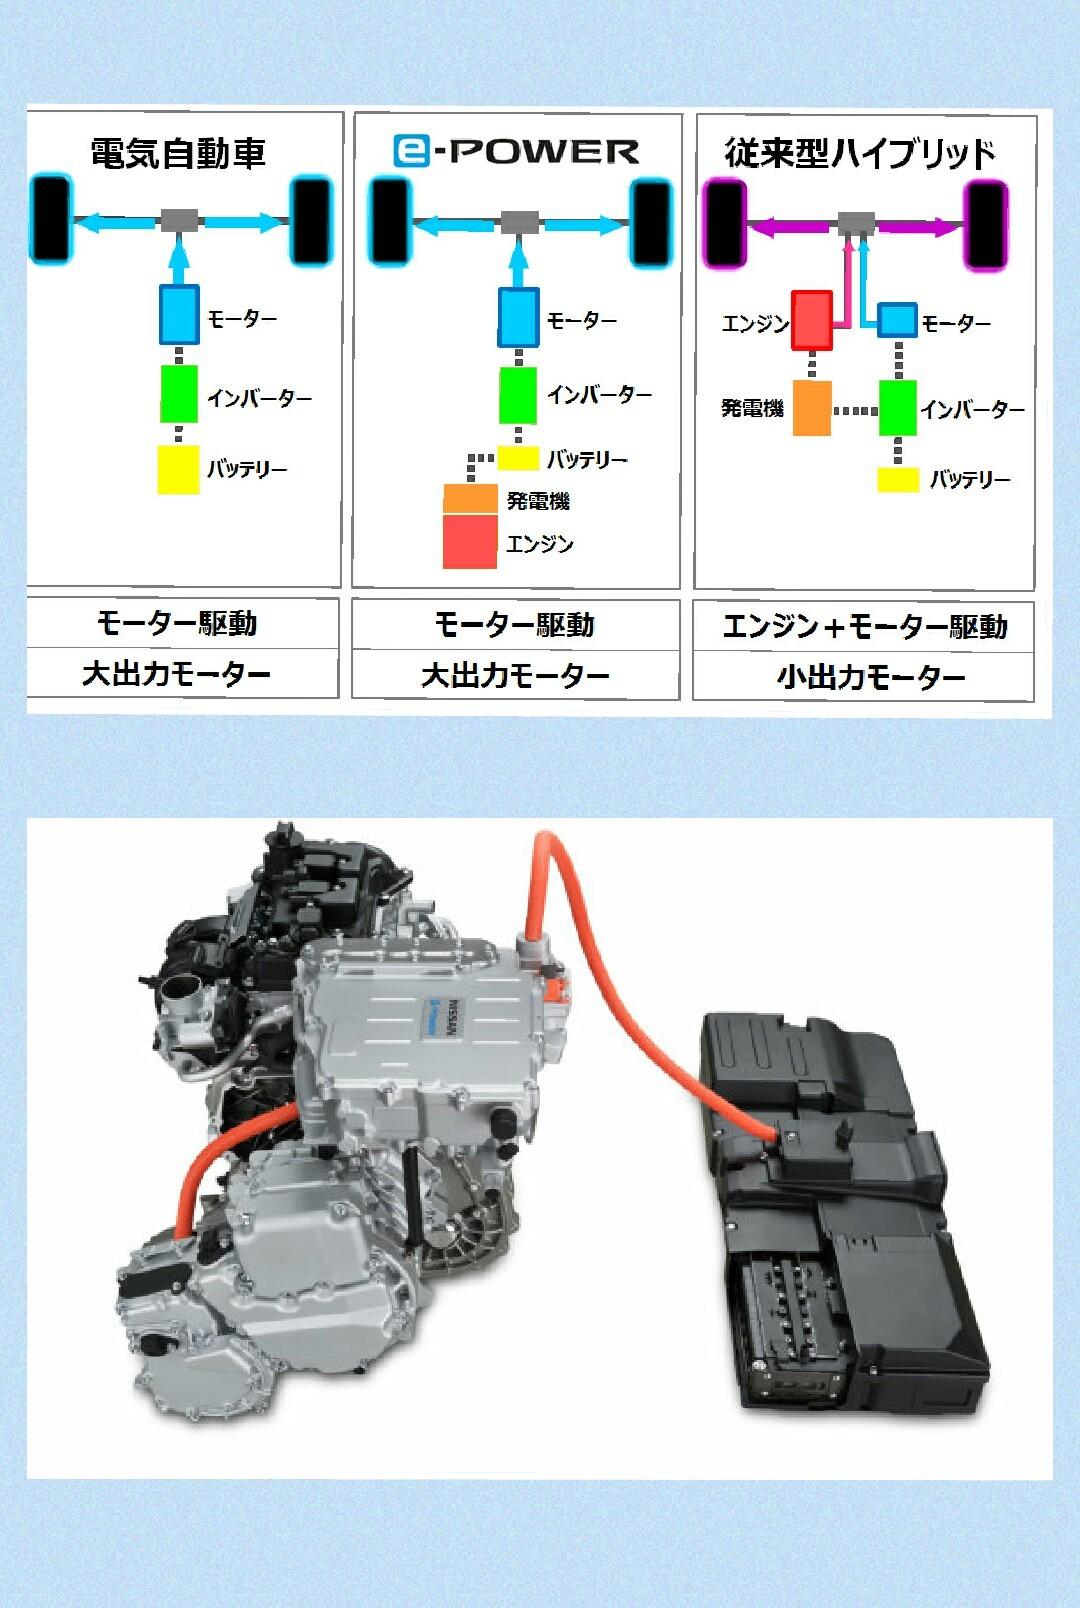 日産e-power EVとの比較 新型ノート